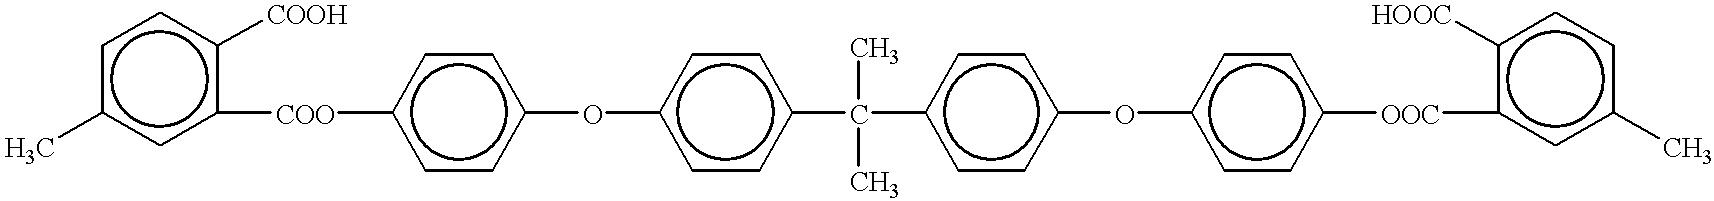 Figure US06180560-20010130-C00260